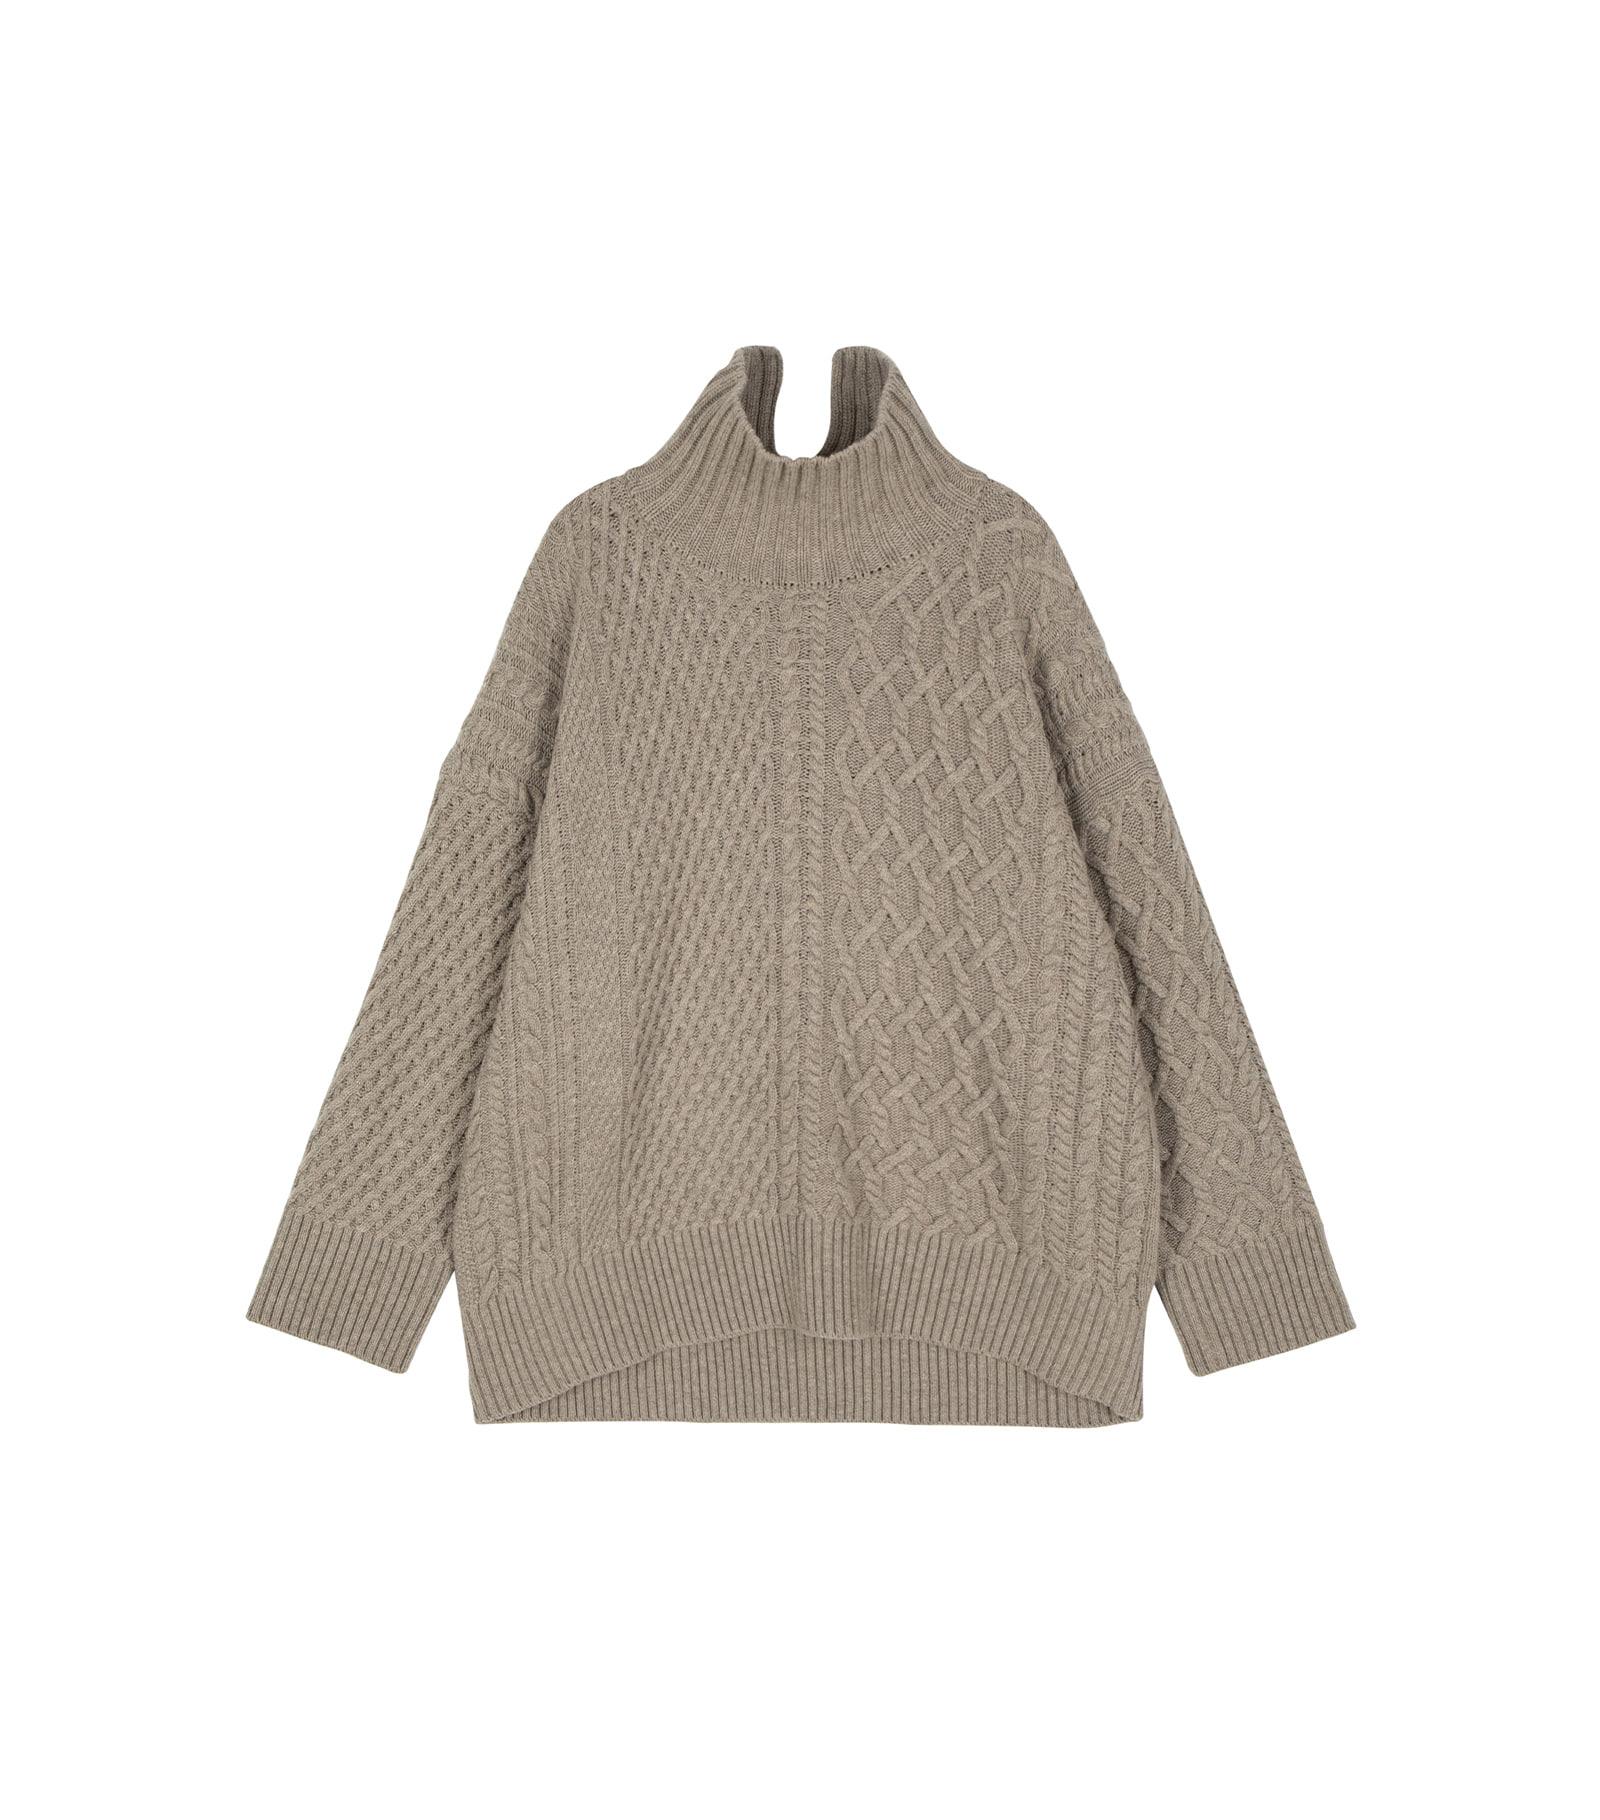 Sweet Twist Slit Turtleneck Knit